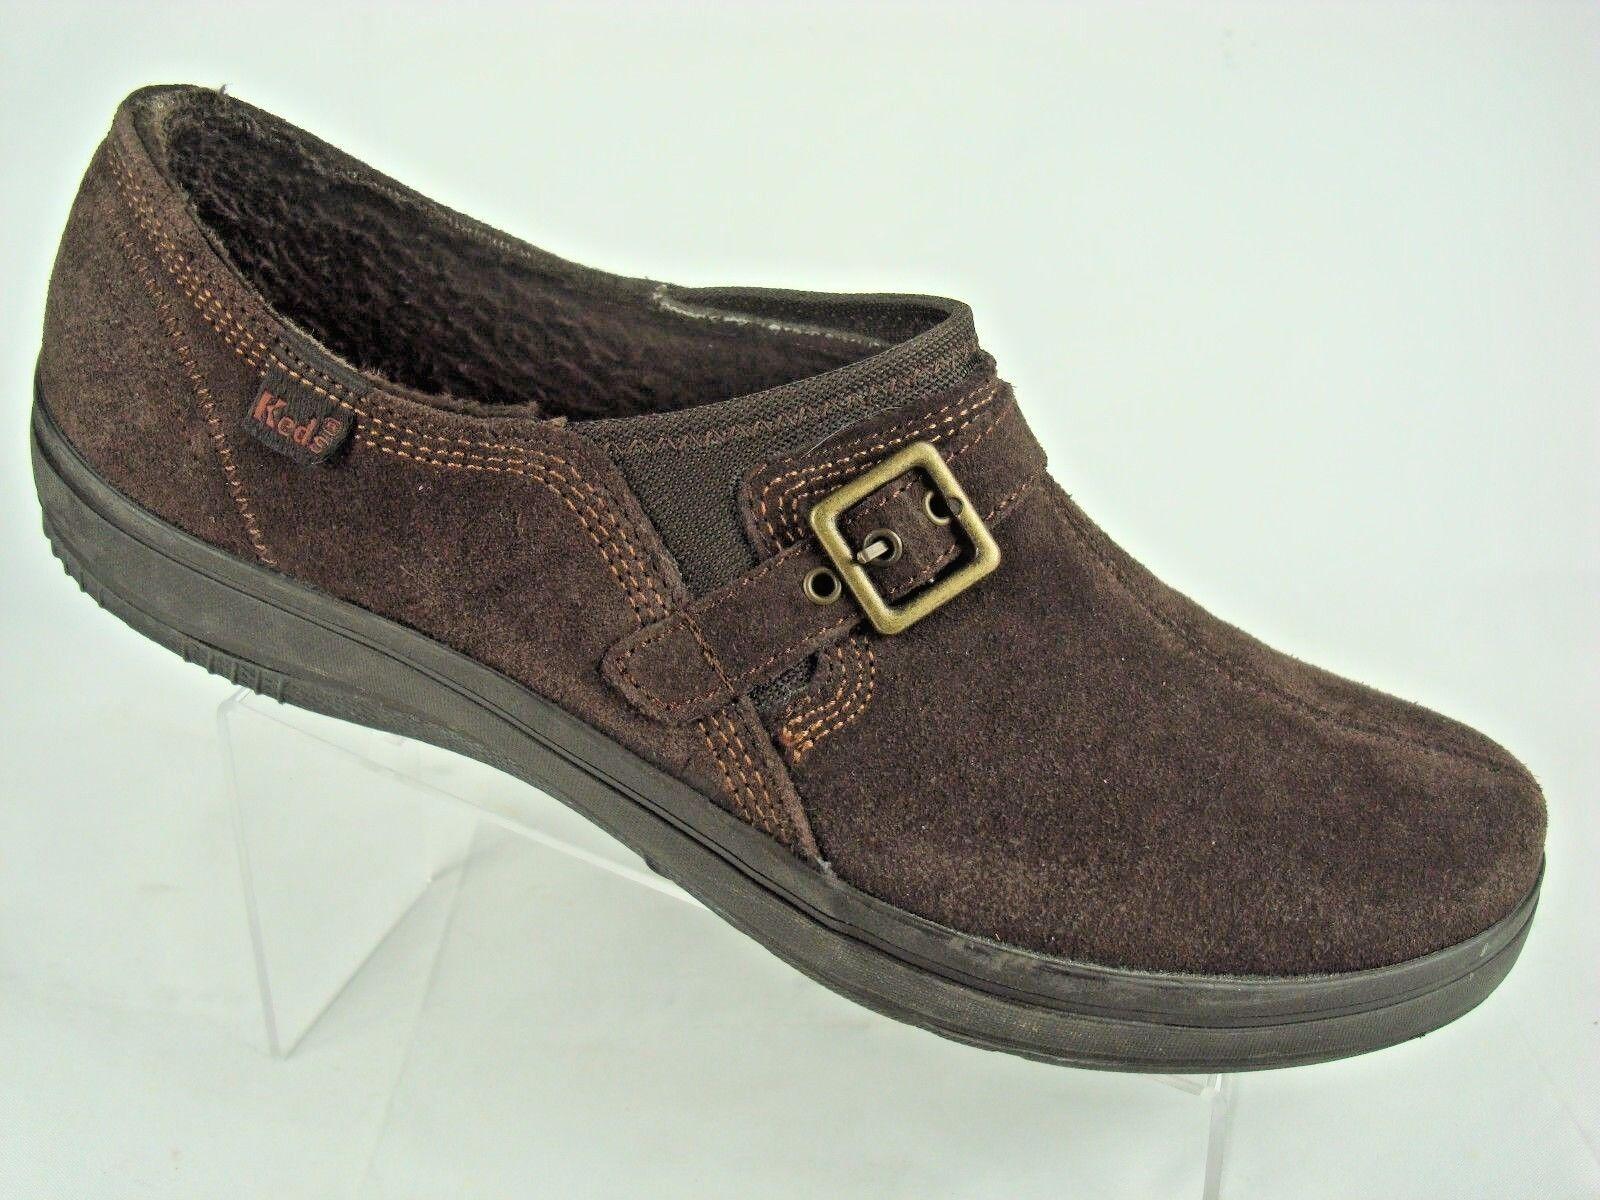 tennis fausse fourrure brun sz 9.5 chaussures en daim basket à haut boucle glisse sur  s basket daim a89ef2